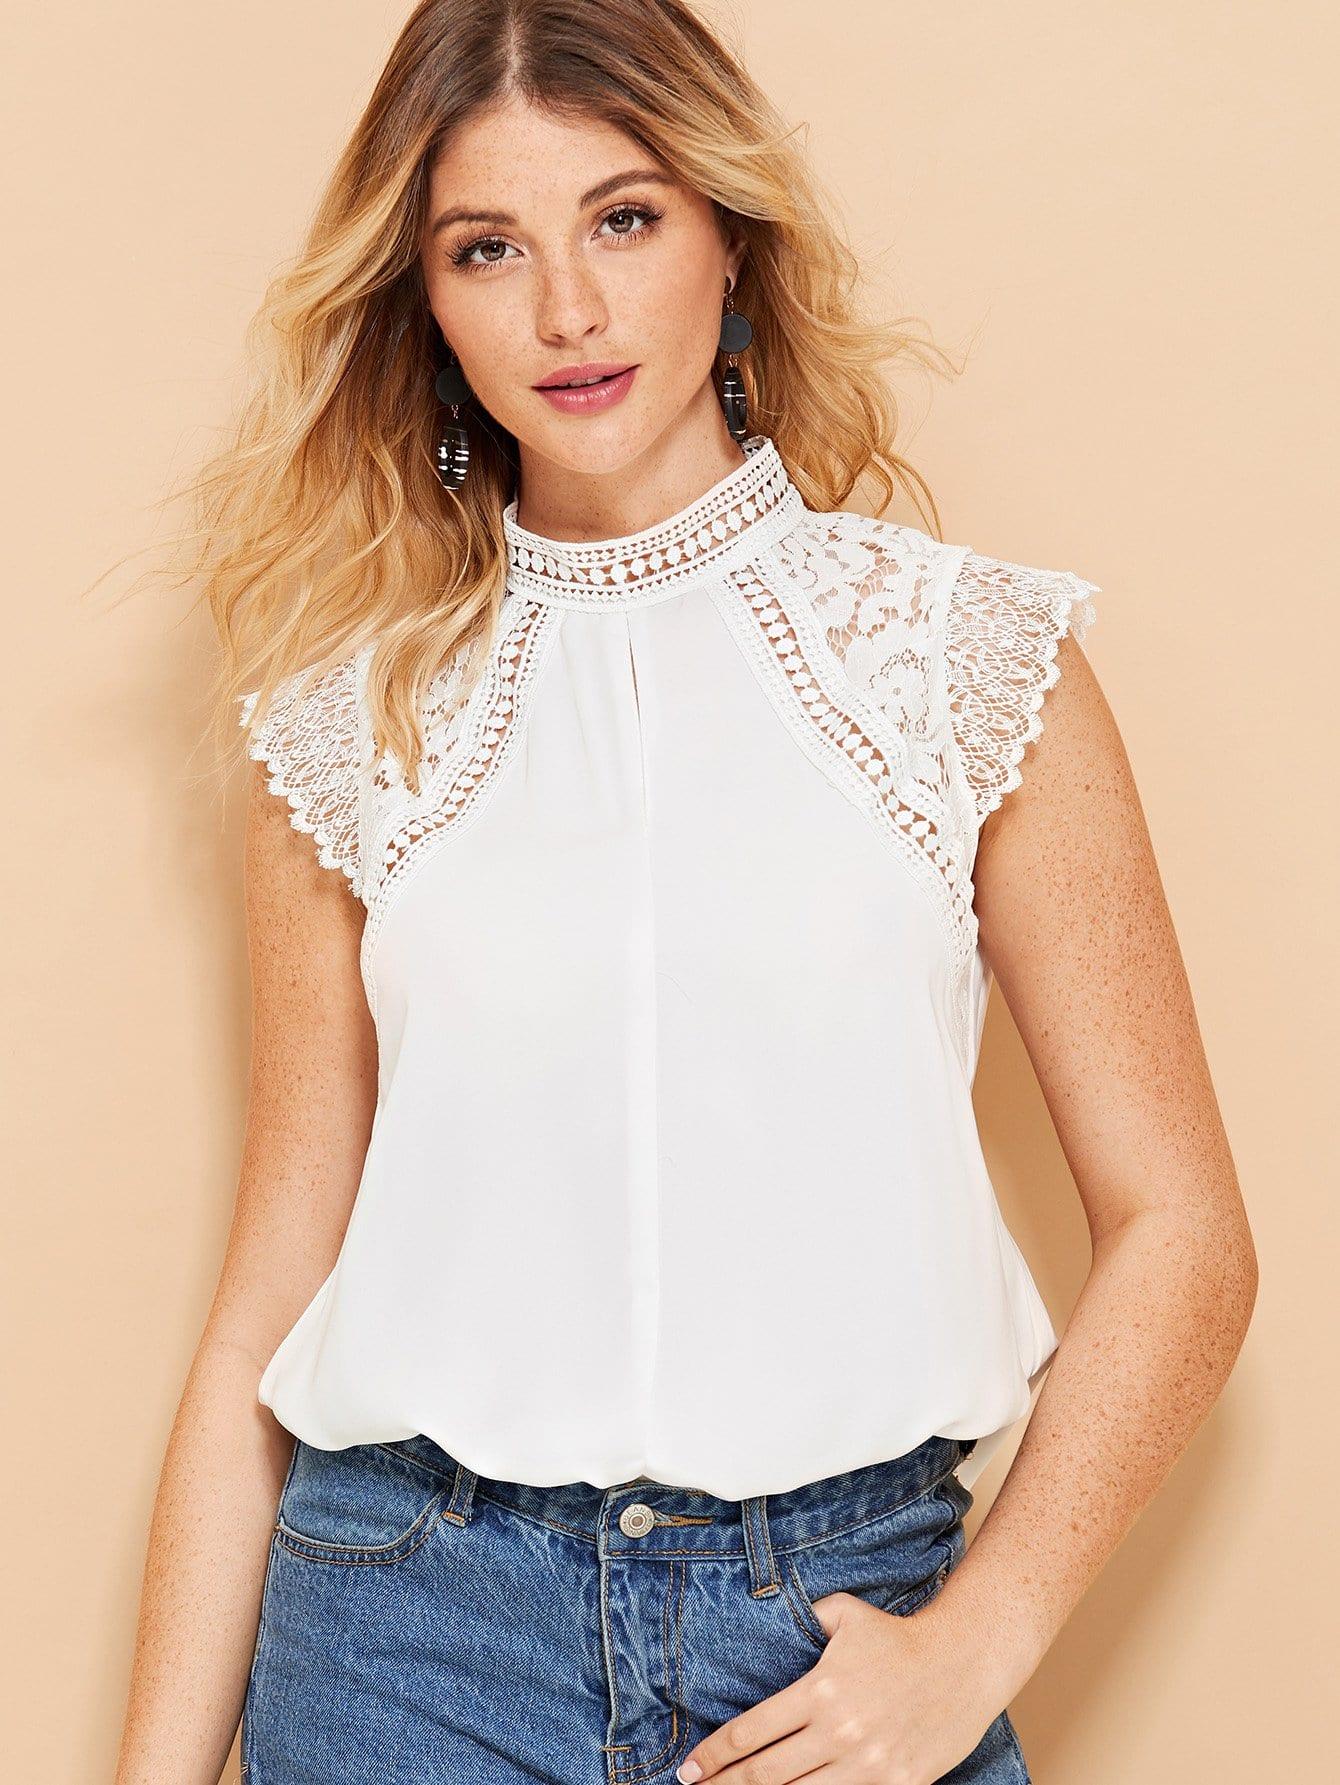 Купить Контрастная блузка шеи замочной скважины на задней, Nathane, SheIn